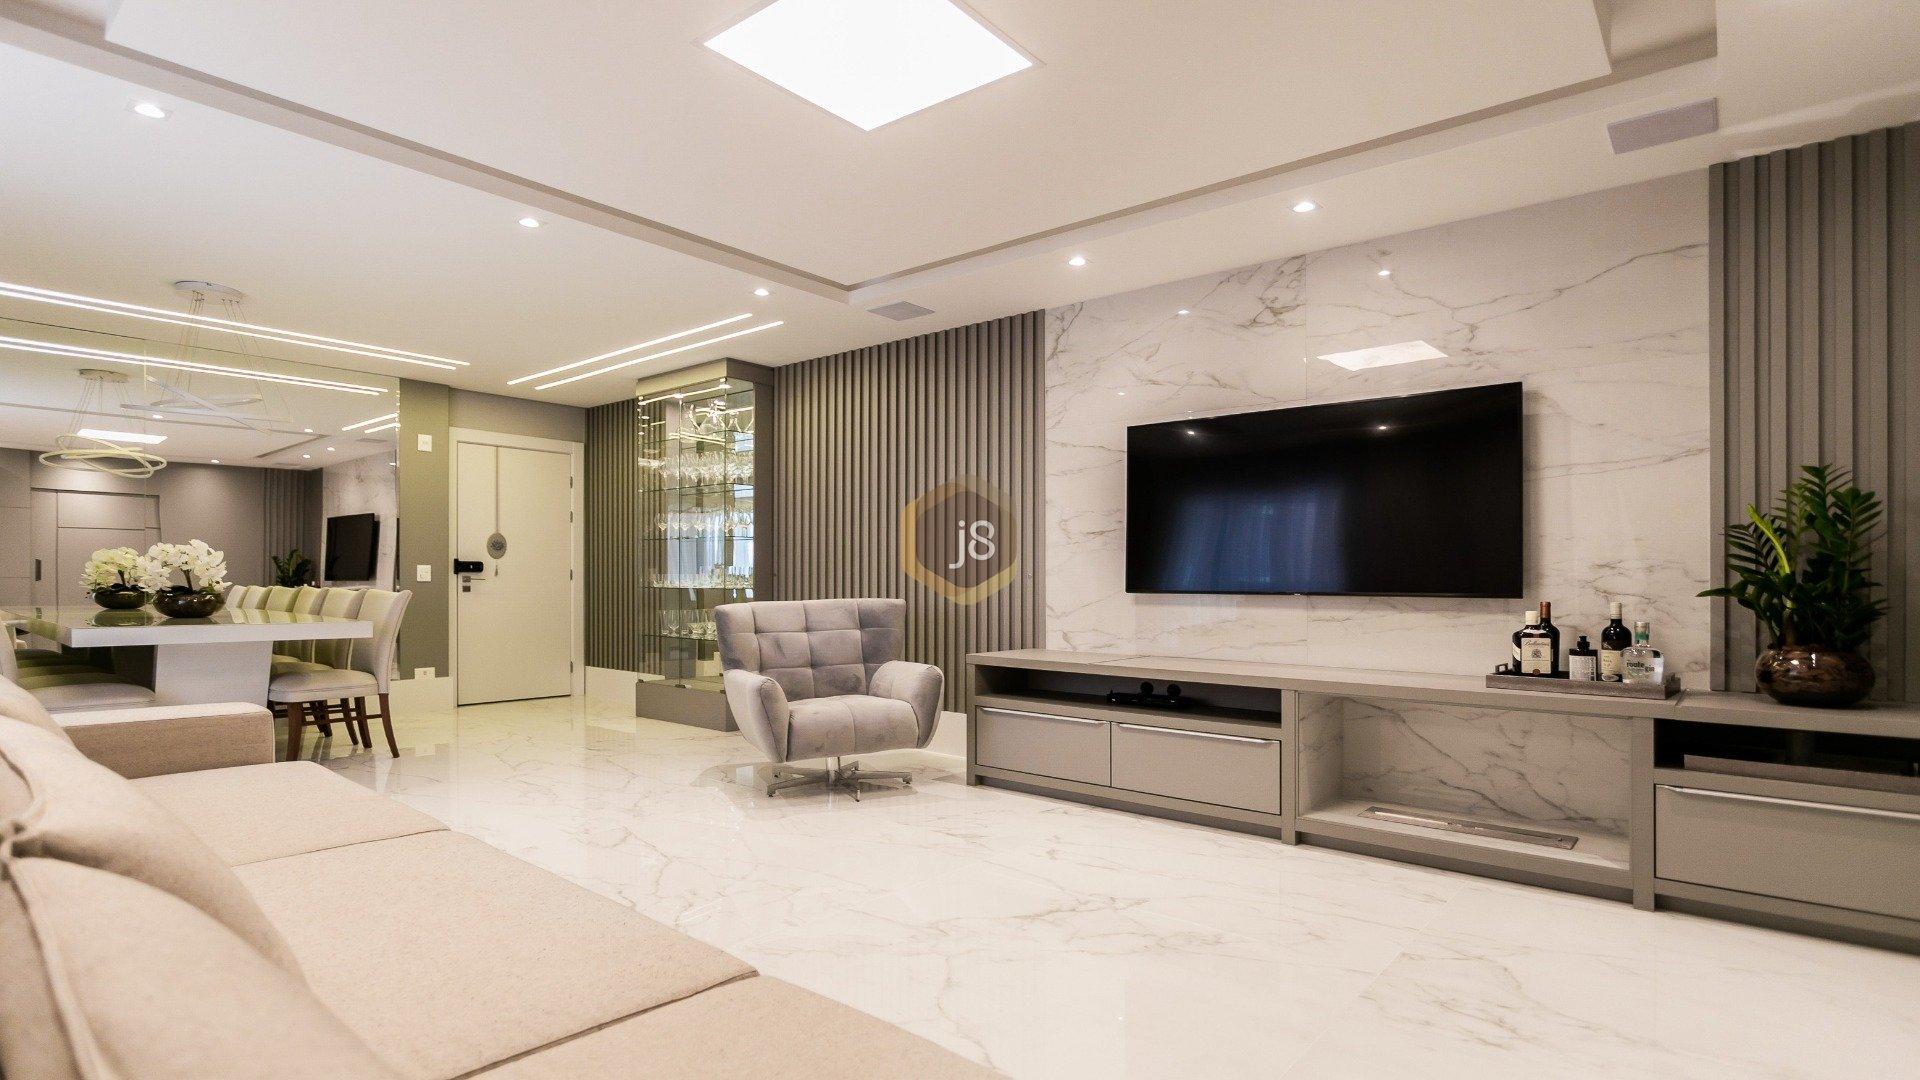 Foto de destaque Belíssimo apartamento mobiliado no ecoville